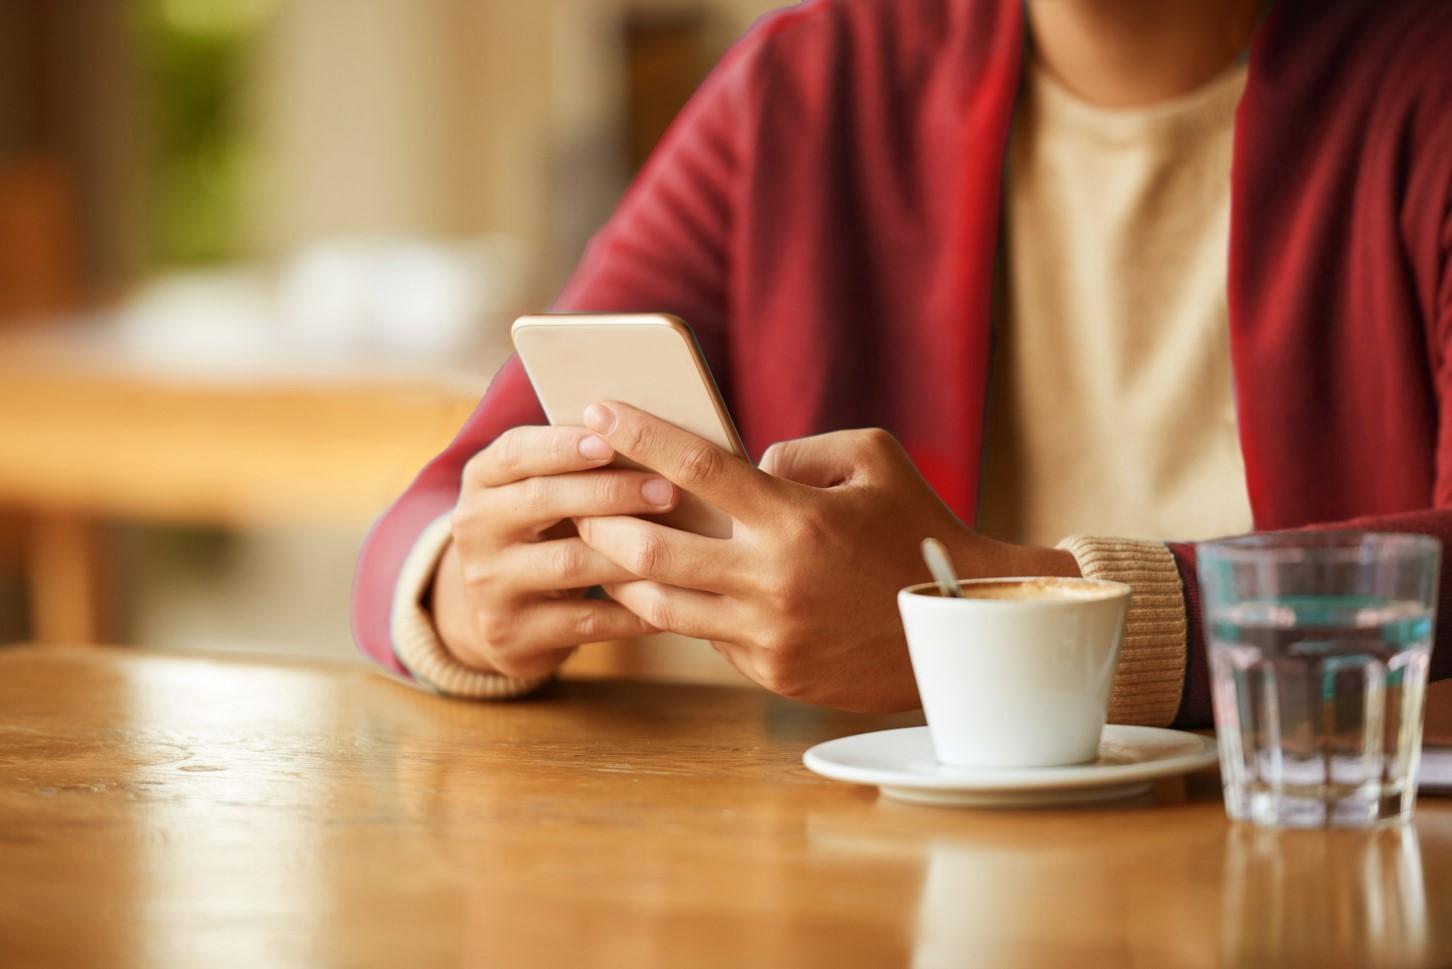 خرید بسته اینترنت همراه و 10 درصد تخفیف خرید شارژ سیم کارت با آپ